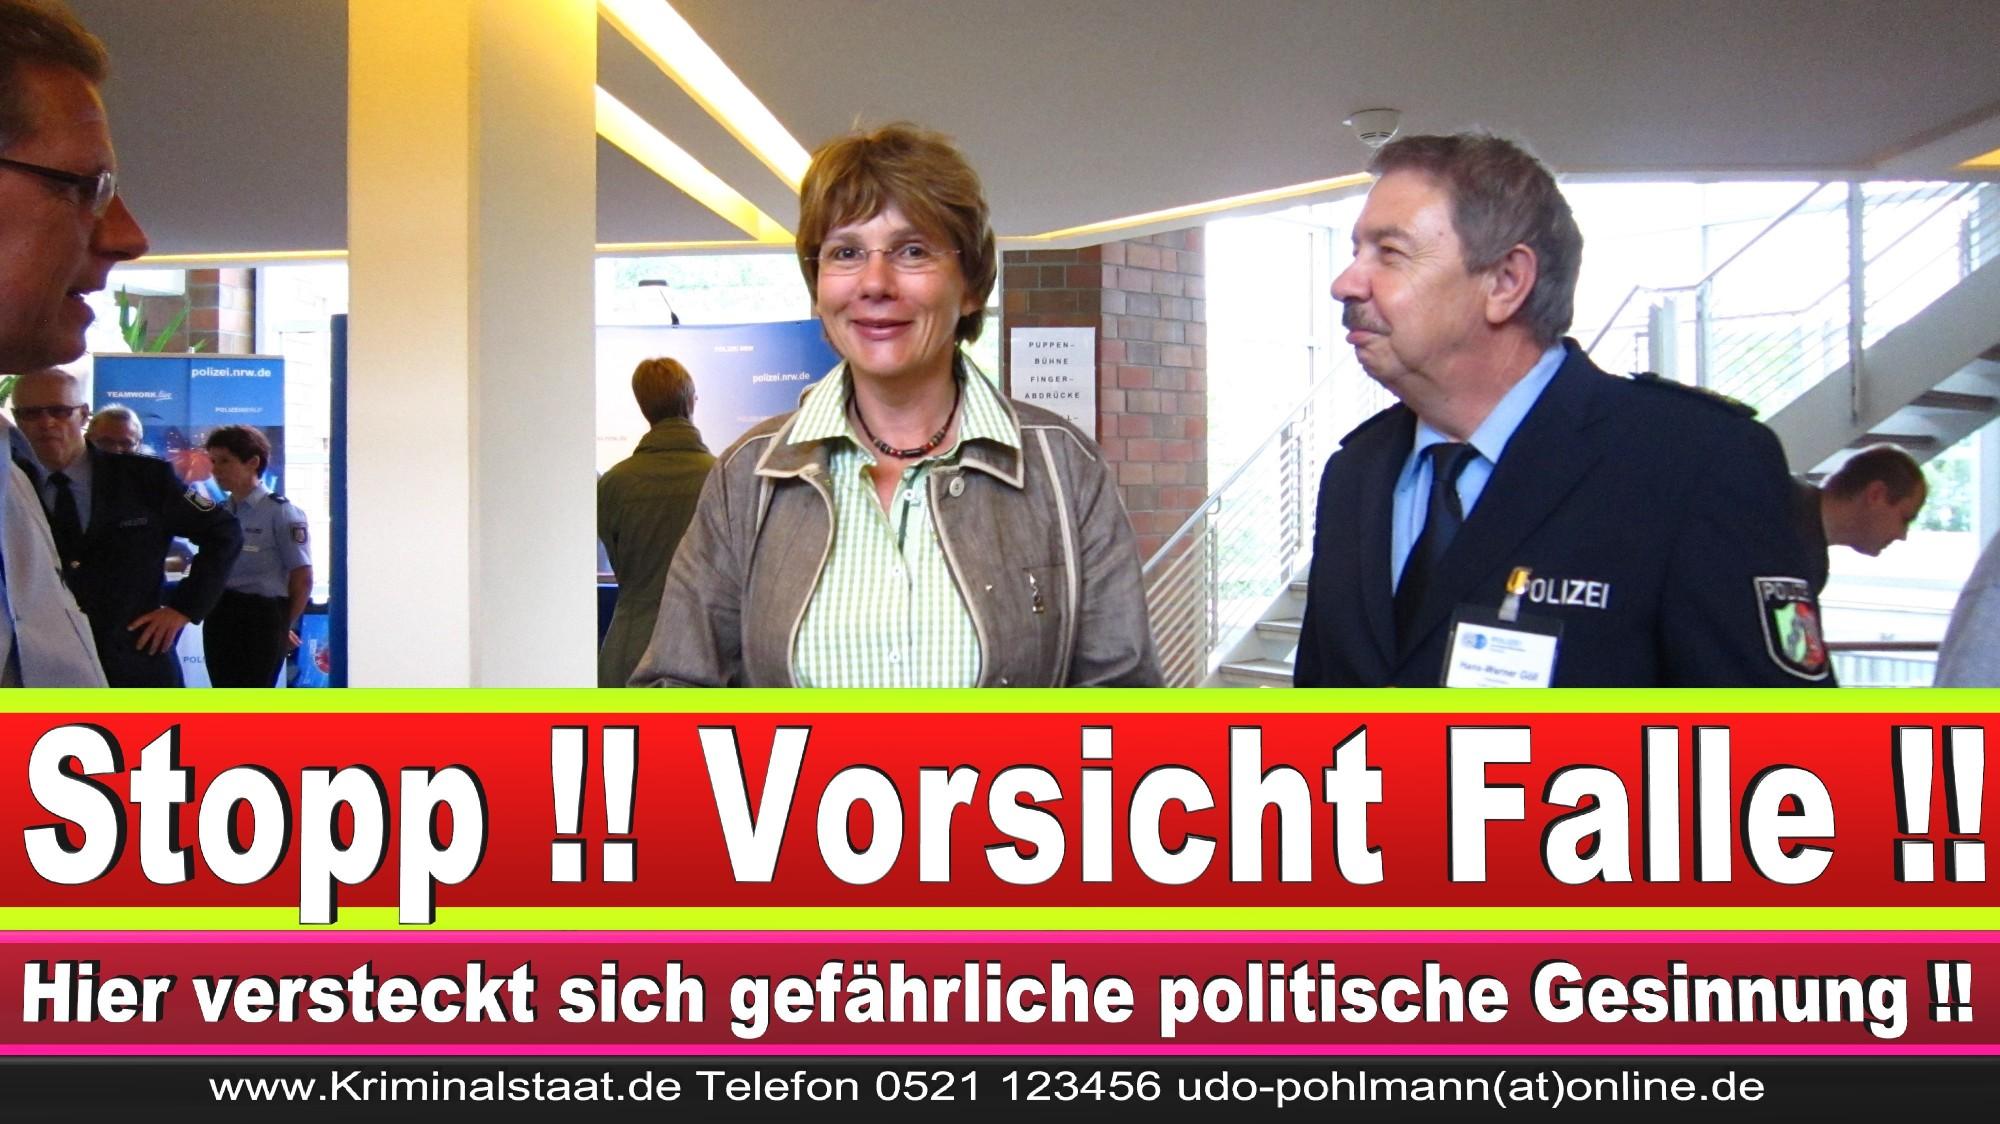 Polizeipräsidentin Katharina Giere Polizei Bielefeld NRW Erwin Südfeld Horst Kruse Polizeiuniform Polizeigewalt DEMONSTRATION Bahnhof (29) 1